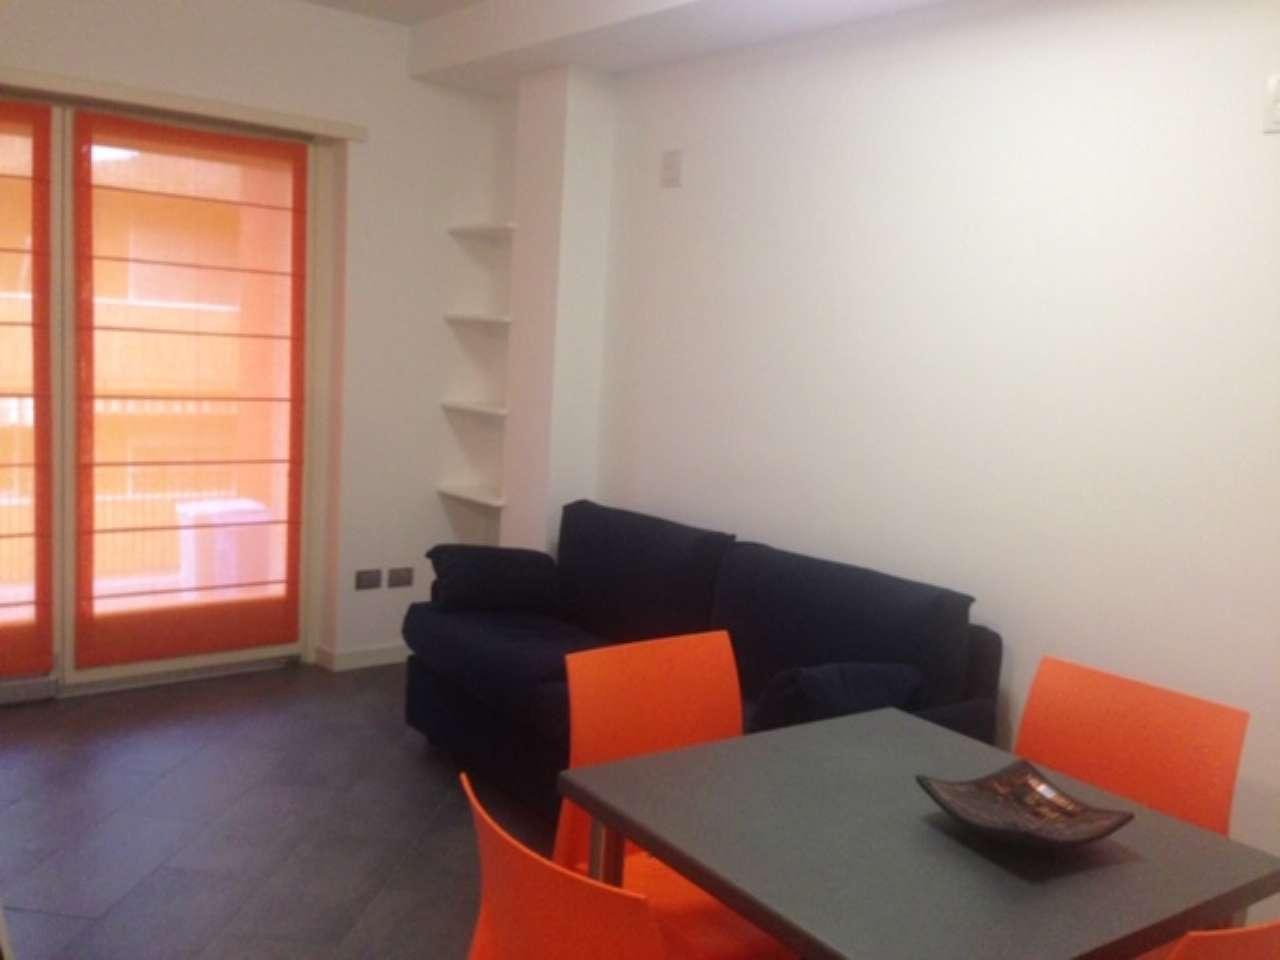 Appartamento in affitto a Sondrio, 2 locali, prezzo € 500 | CambioCasa.it